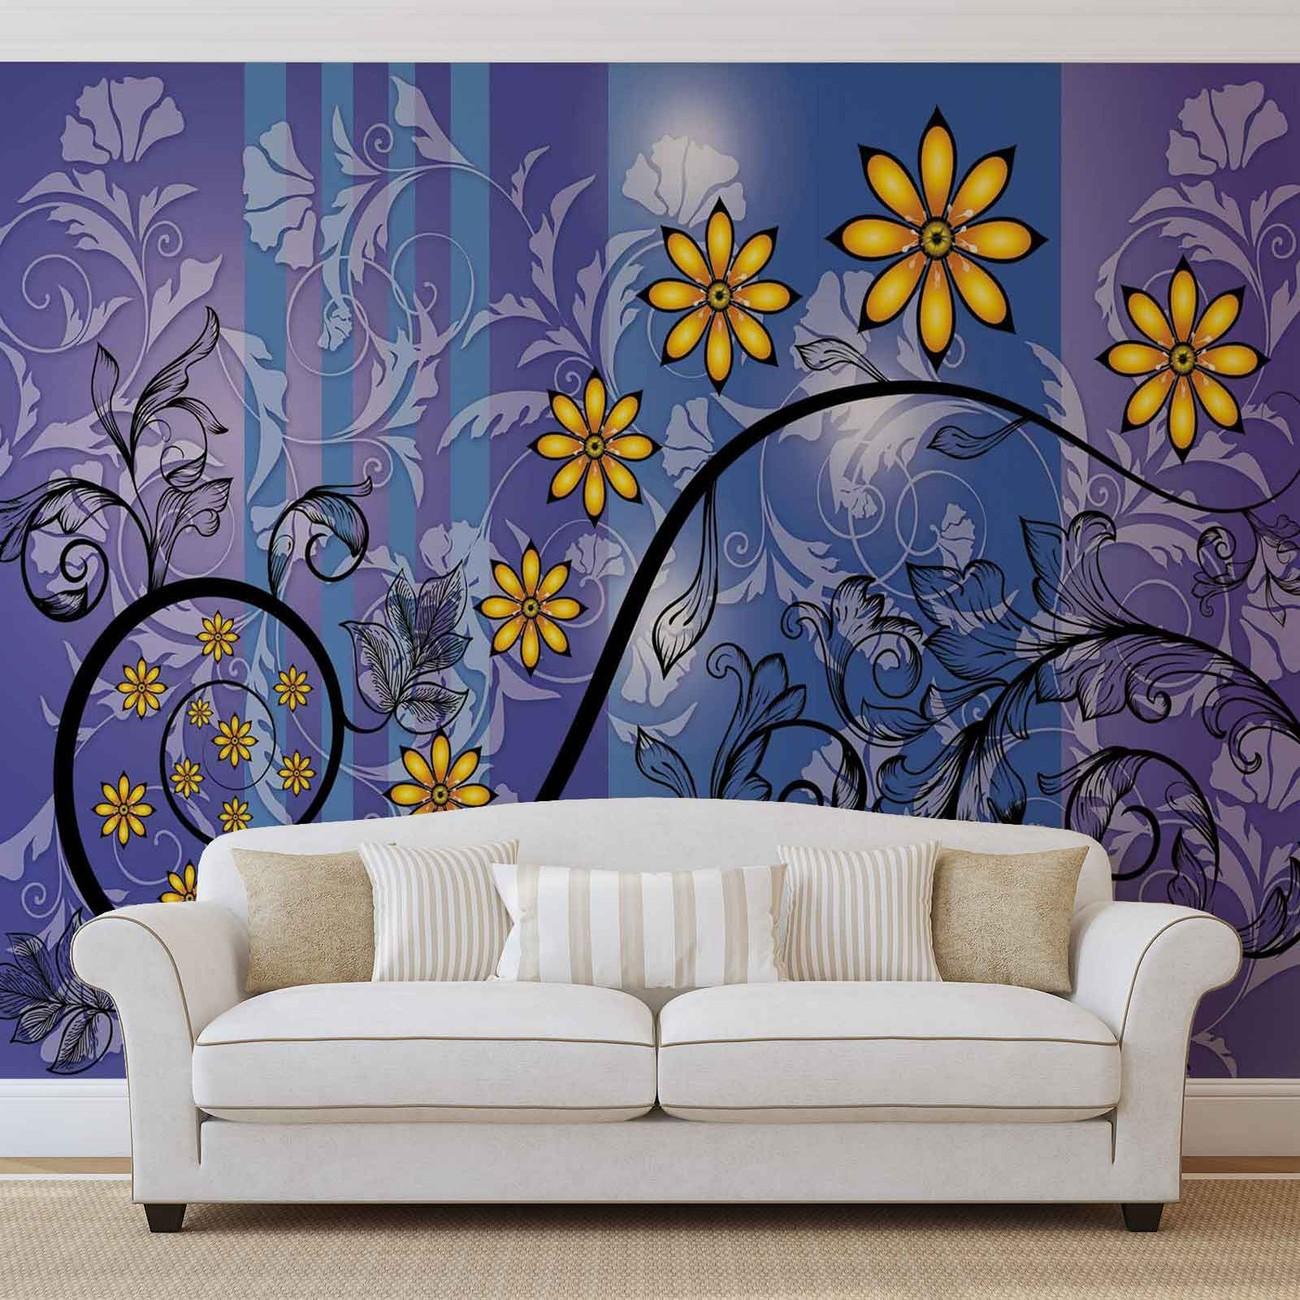 Motif floral de fleurs poster mural papier peint - Poster mural sur mesure ...